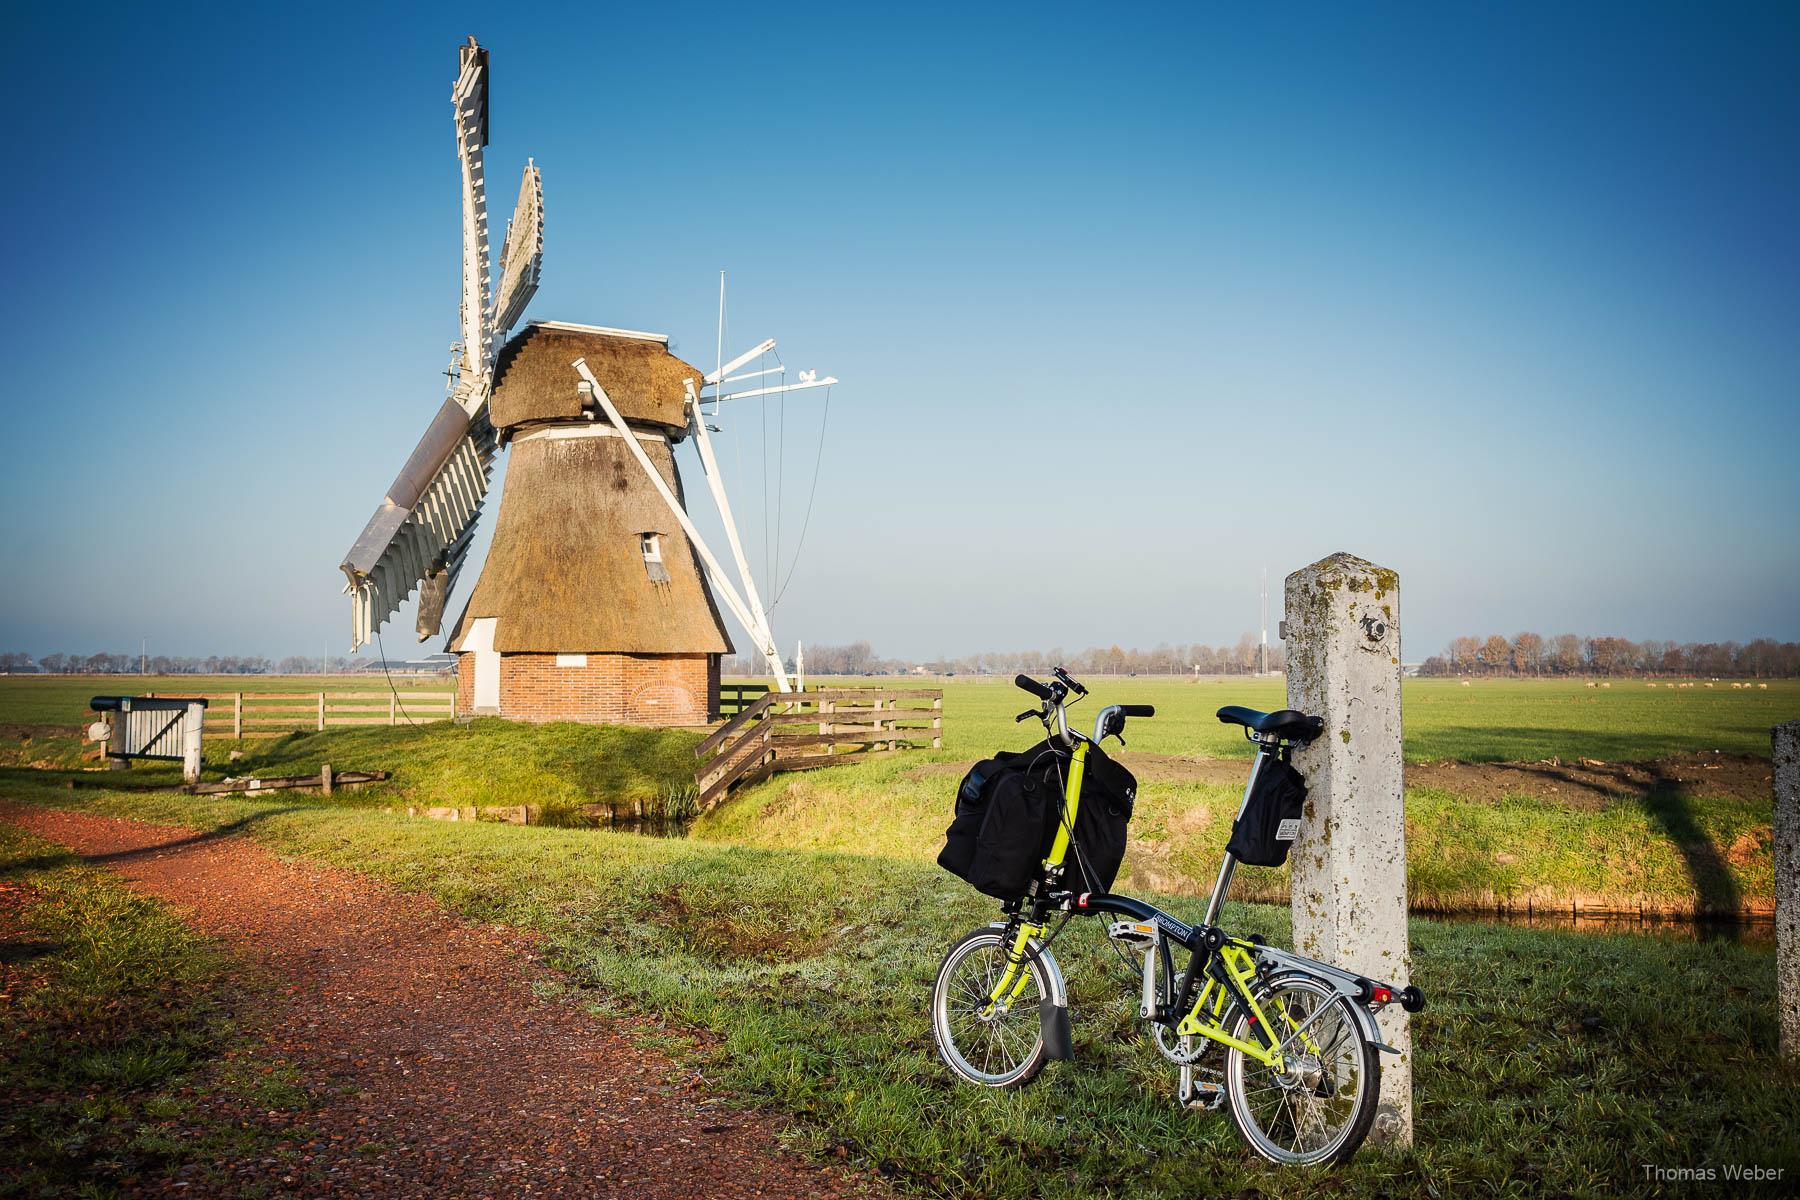 Die Windmühle Witte Lam in Groningen bei einer Fahrradtour durch Groningen, Fotograf Oldenburg, Thomas Weber